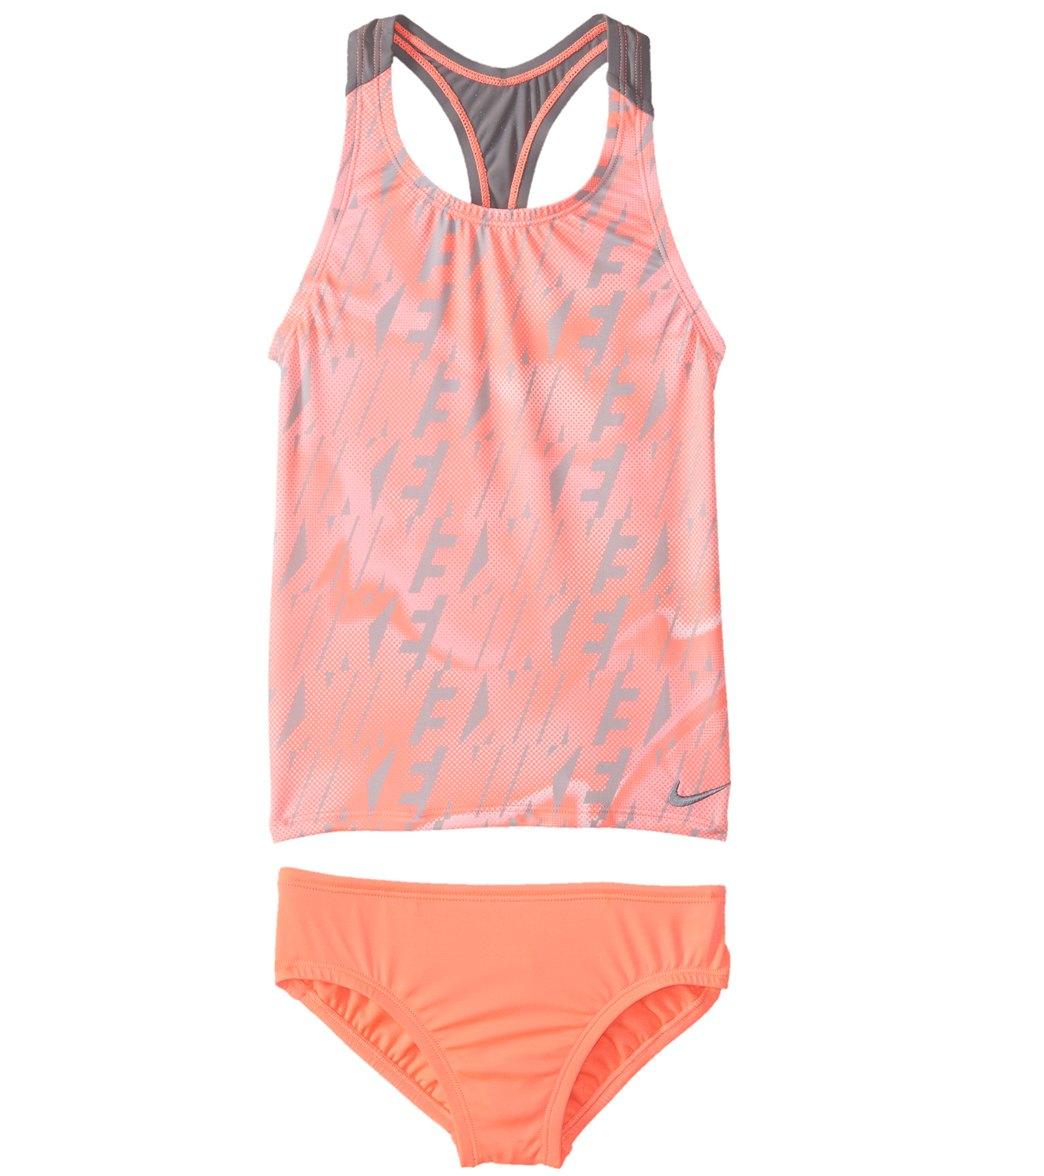 abd9c0fd3efcd Nike Girls' Racerback Sport Tankini Set (Big Kid) at SwimOutlet.com